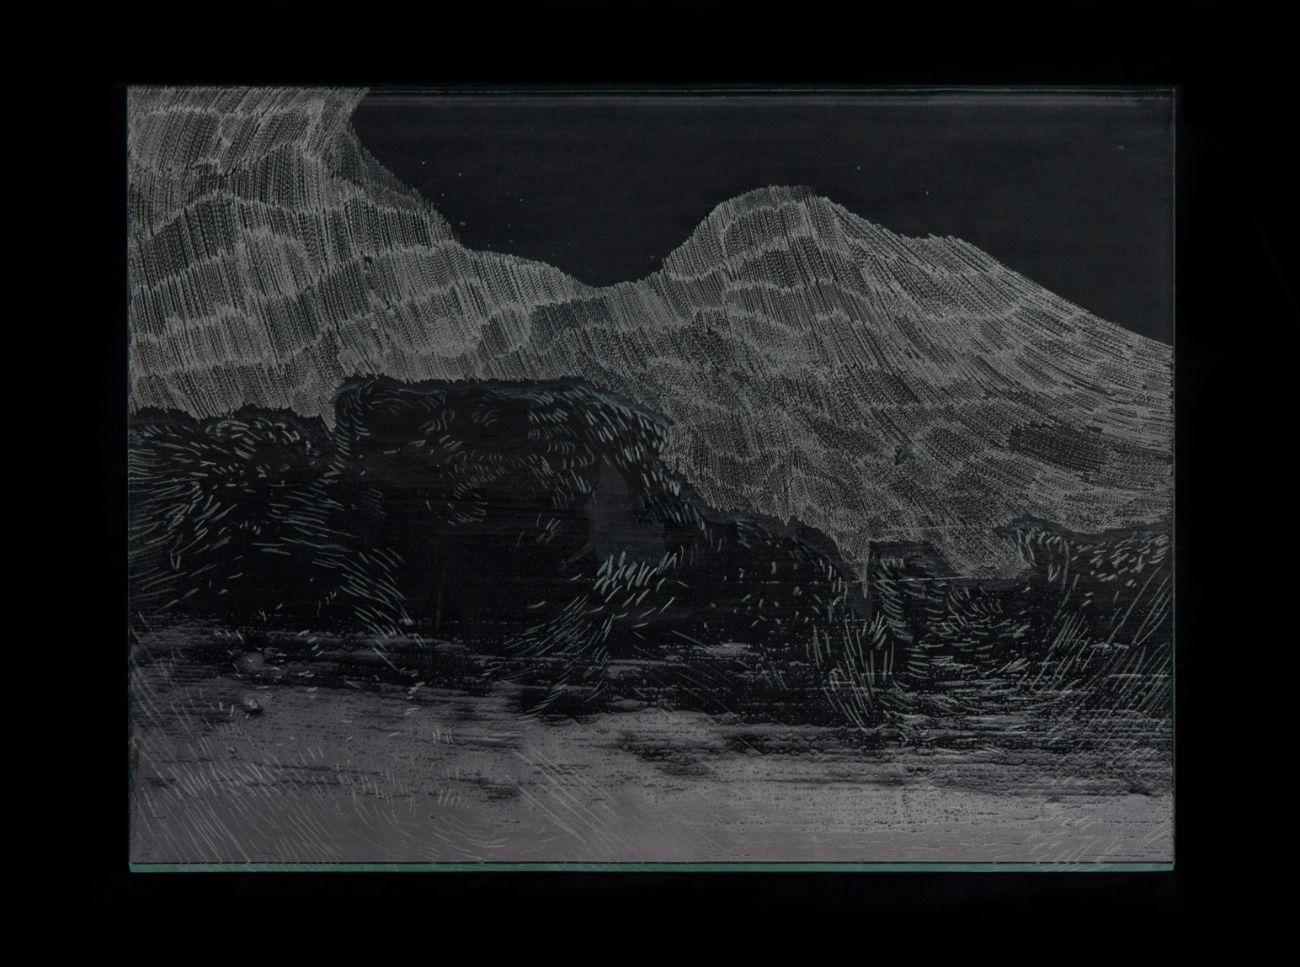 5. zo série Oceano, 35x30cm, maľba, kresba a gravírovanie na skle, 2017